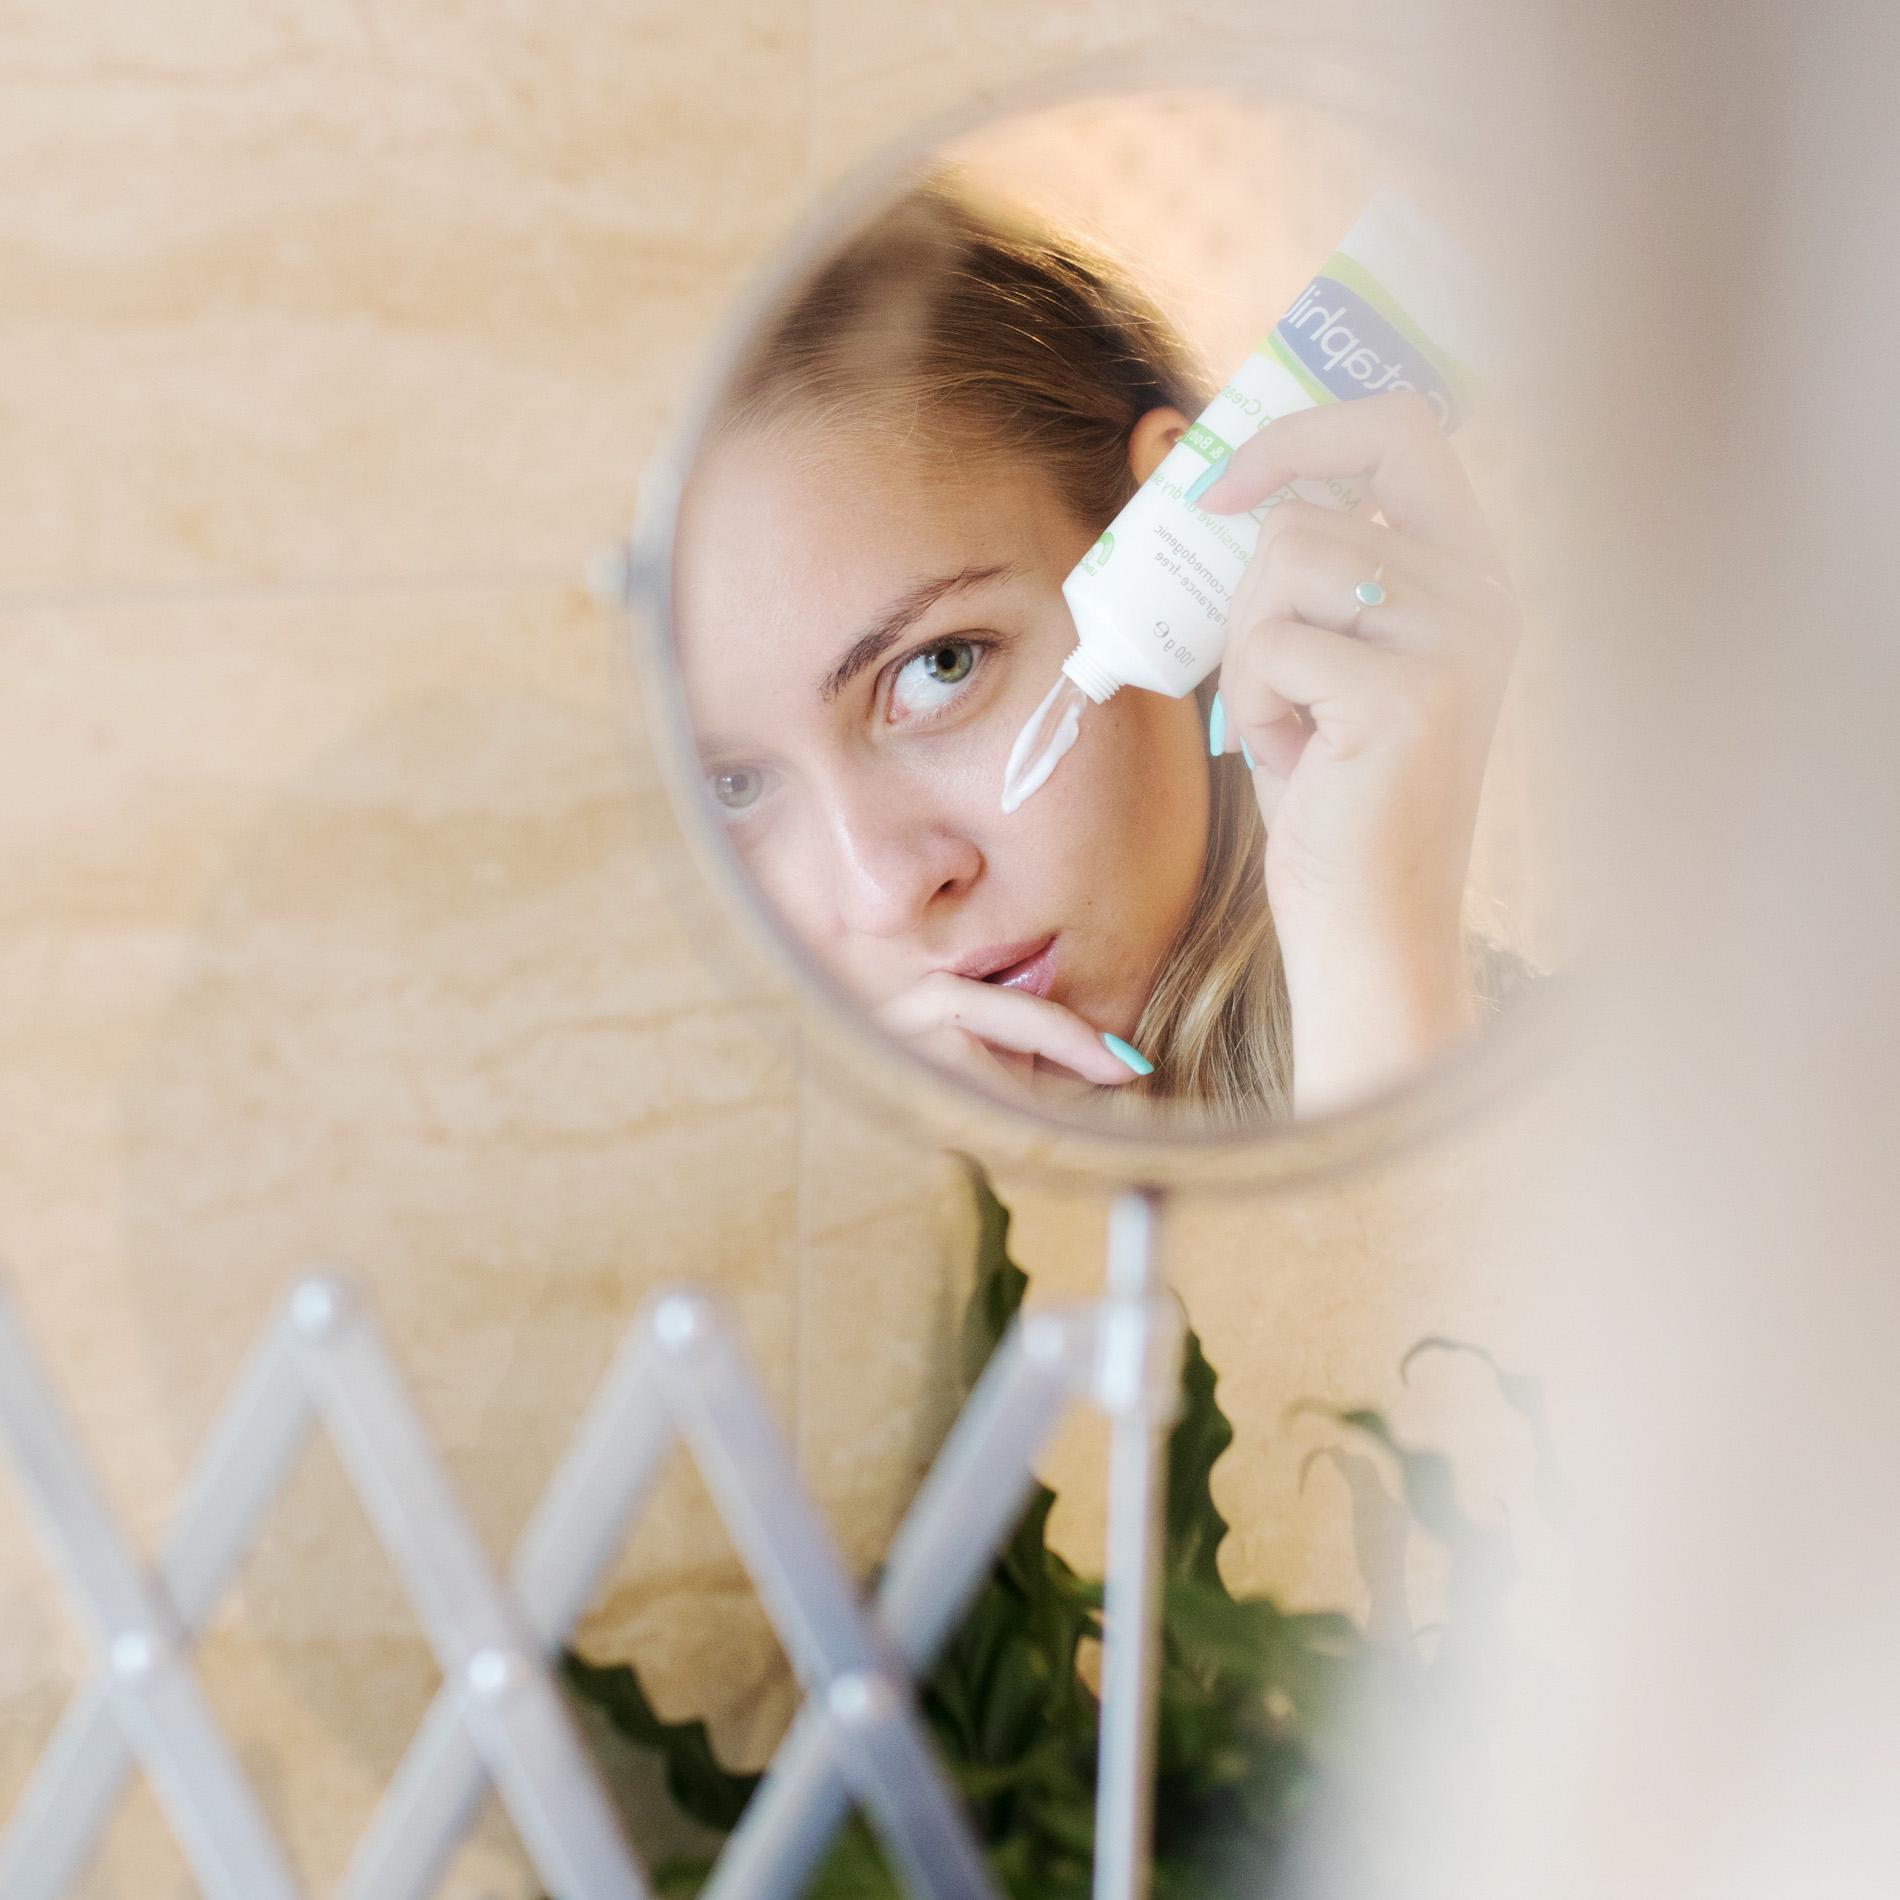 Augencreme verwenden, Beauty Tipps zur Augencreme, Augencreme, Augencreme Anwendung, Augencreme Naturkosmetik, Augencreme wirklich erforderlich, Augencreme gegen Faltenbildung, Hautpflege, Gesichtspflege, Augenpartie pflegen, frische Augenpartie, frisch und fit aussehen durch Augencreme